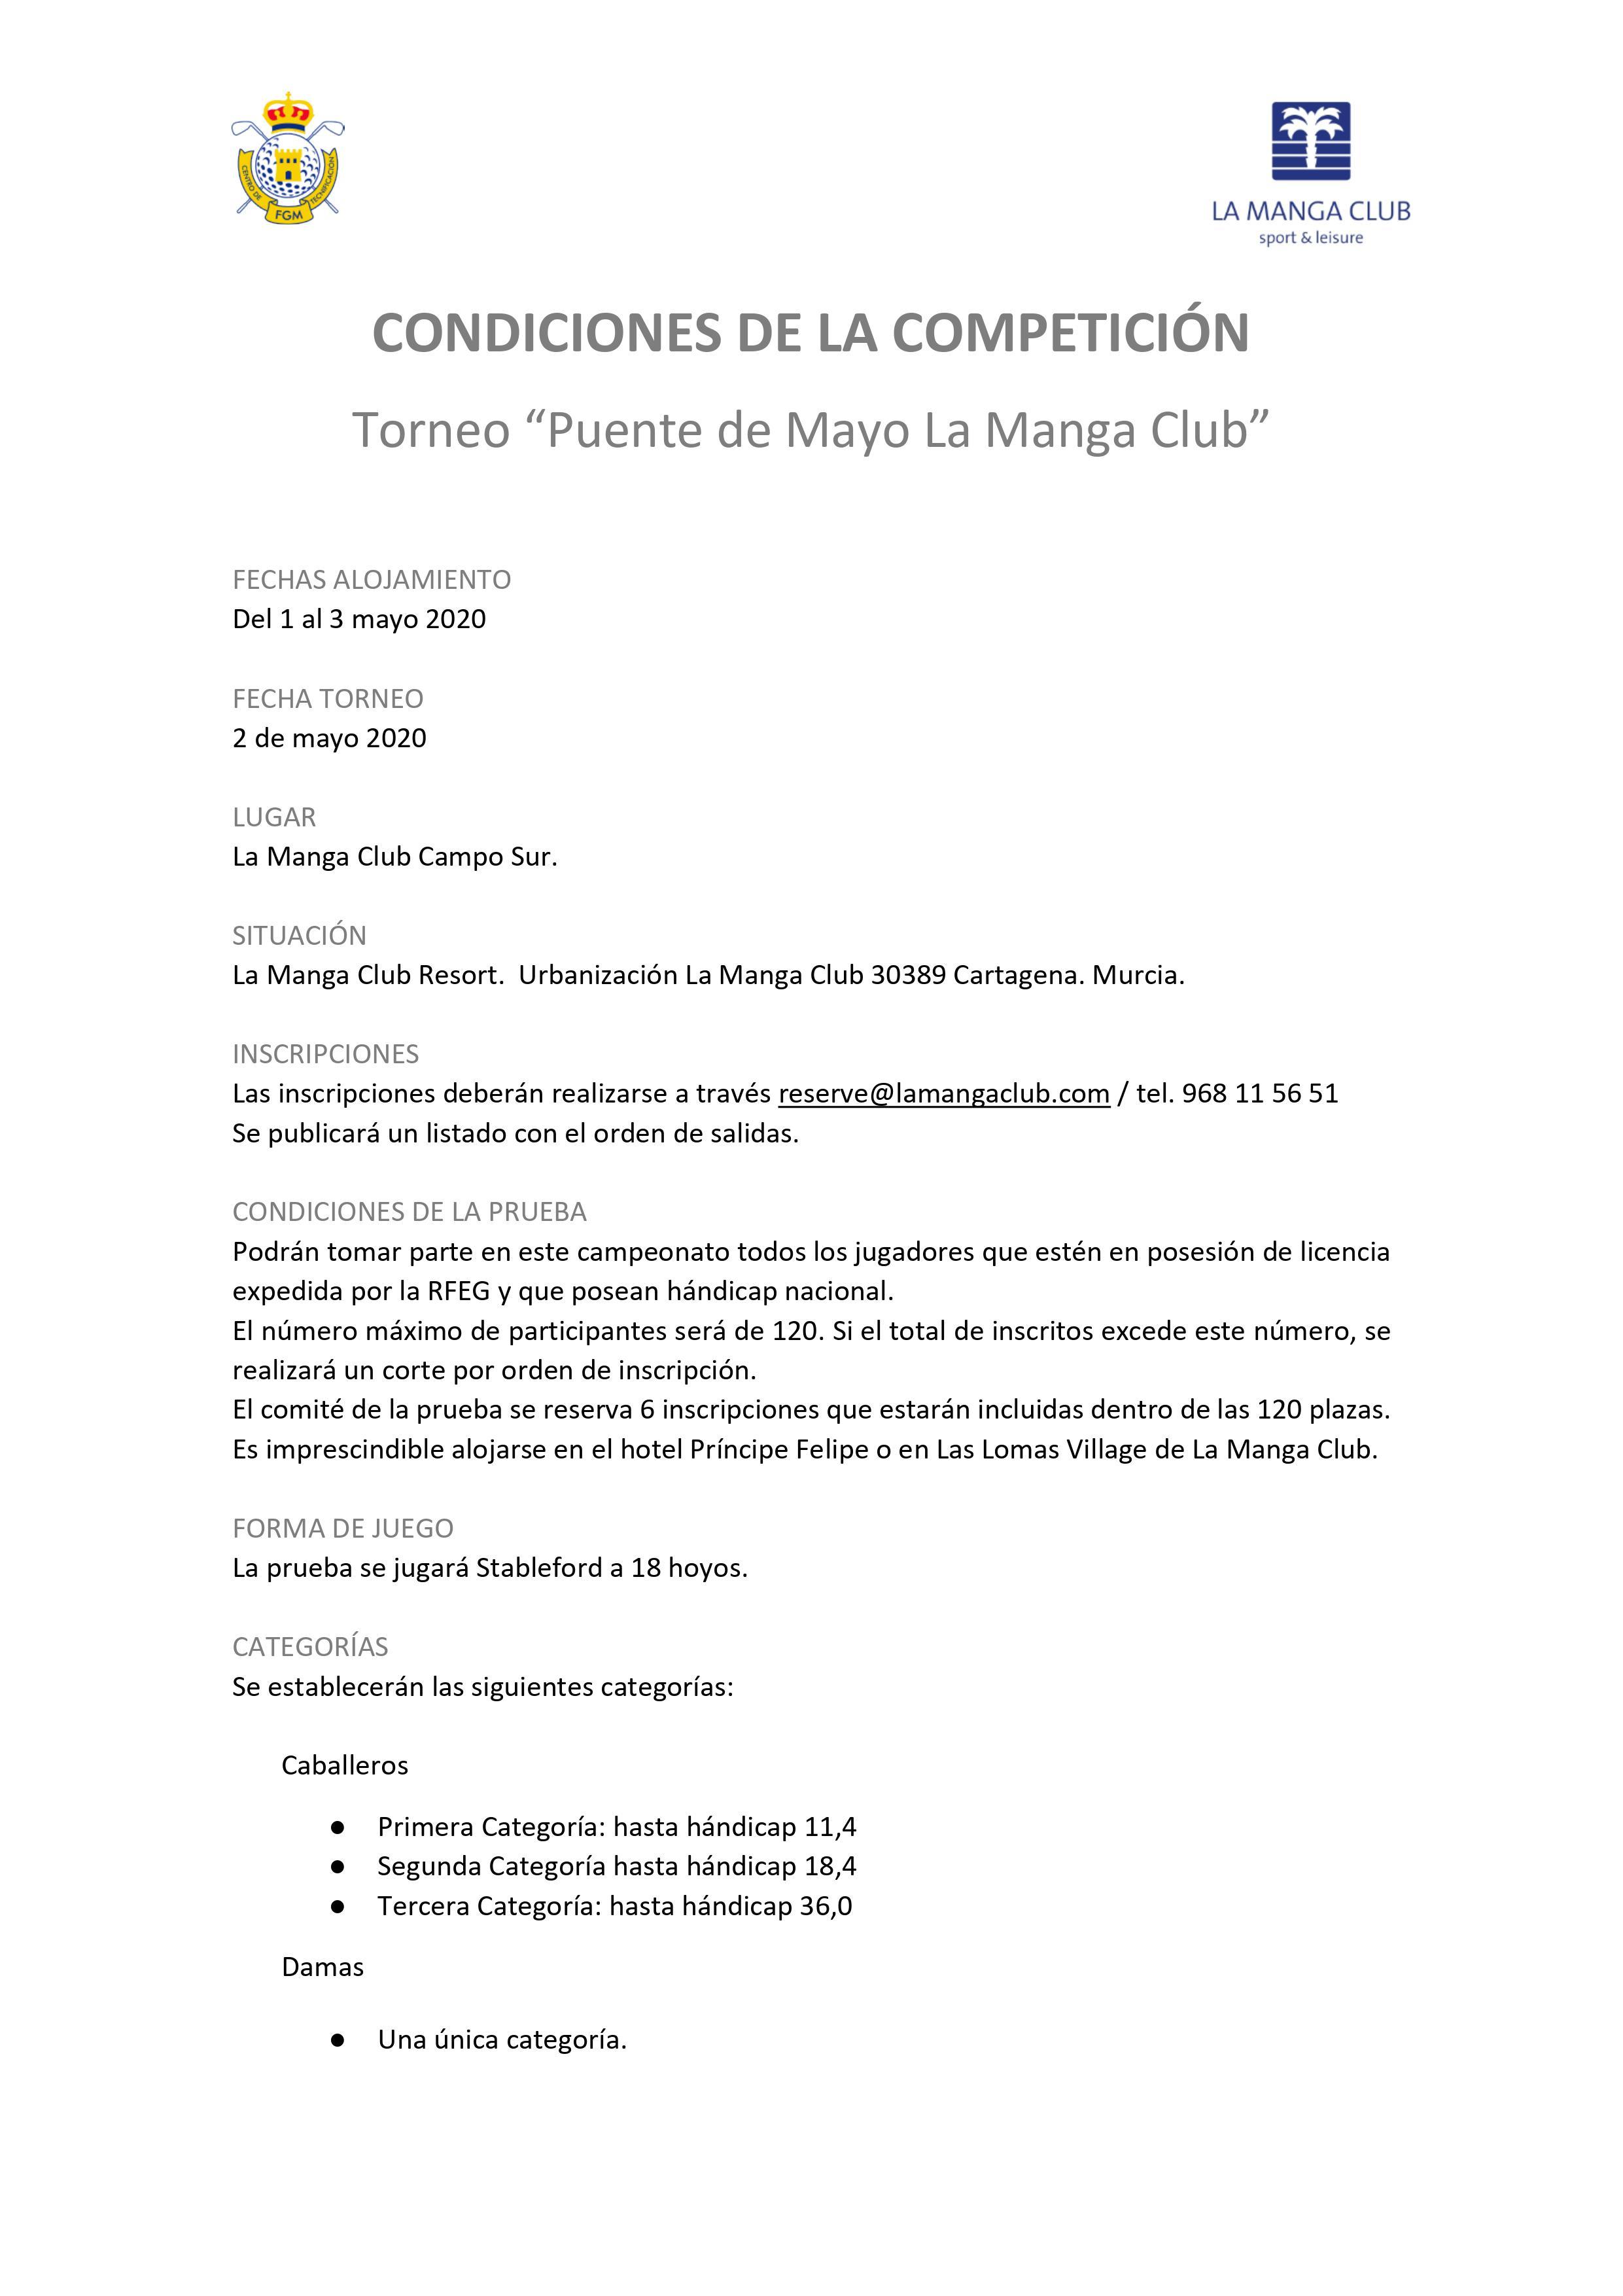 200503 May, Reglamento (1)